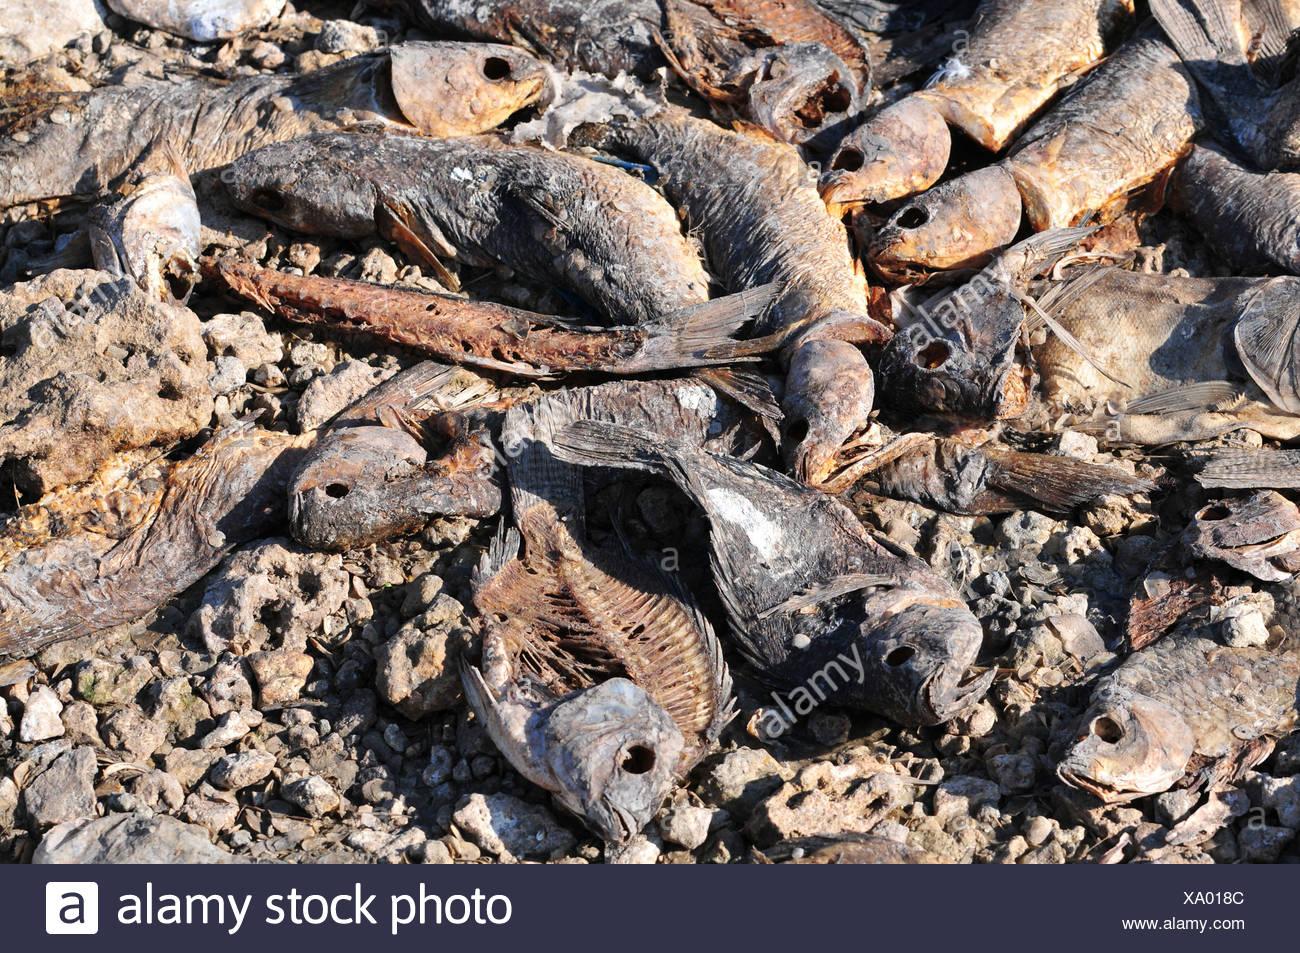 La décomposition des morts dans un poisson séché extérieure montrant l'effet de la sécheresse sur l'environnement Photo Stock